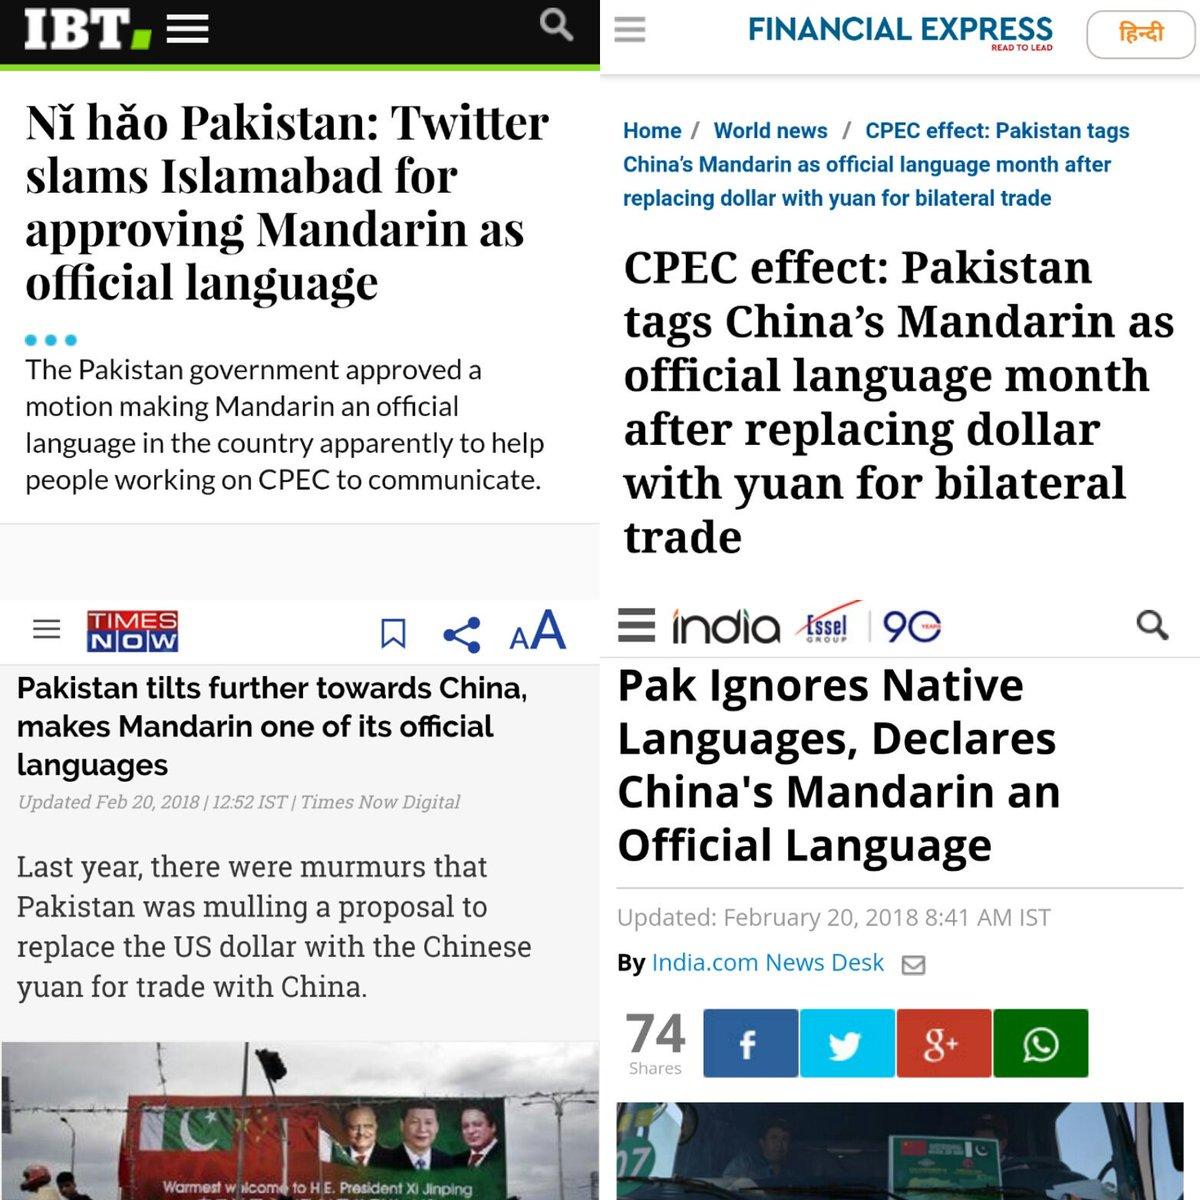 Pakistan is not adopting Mandarin as an official language